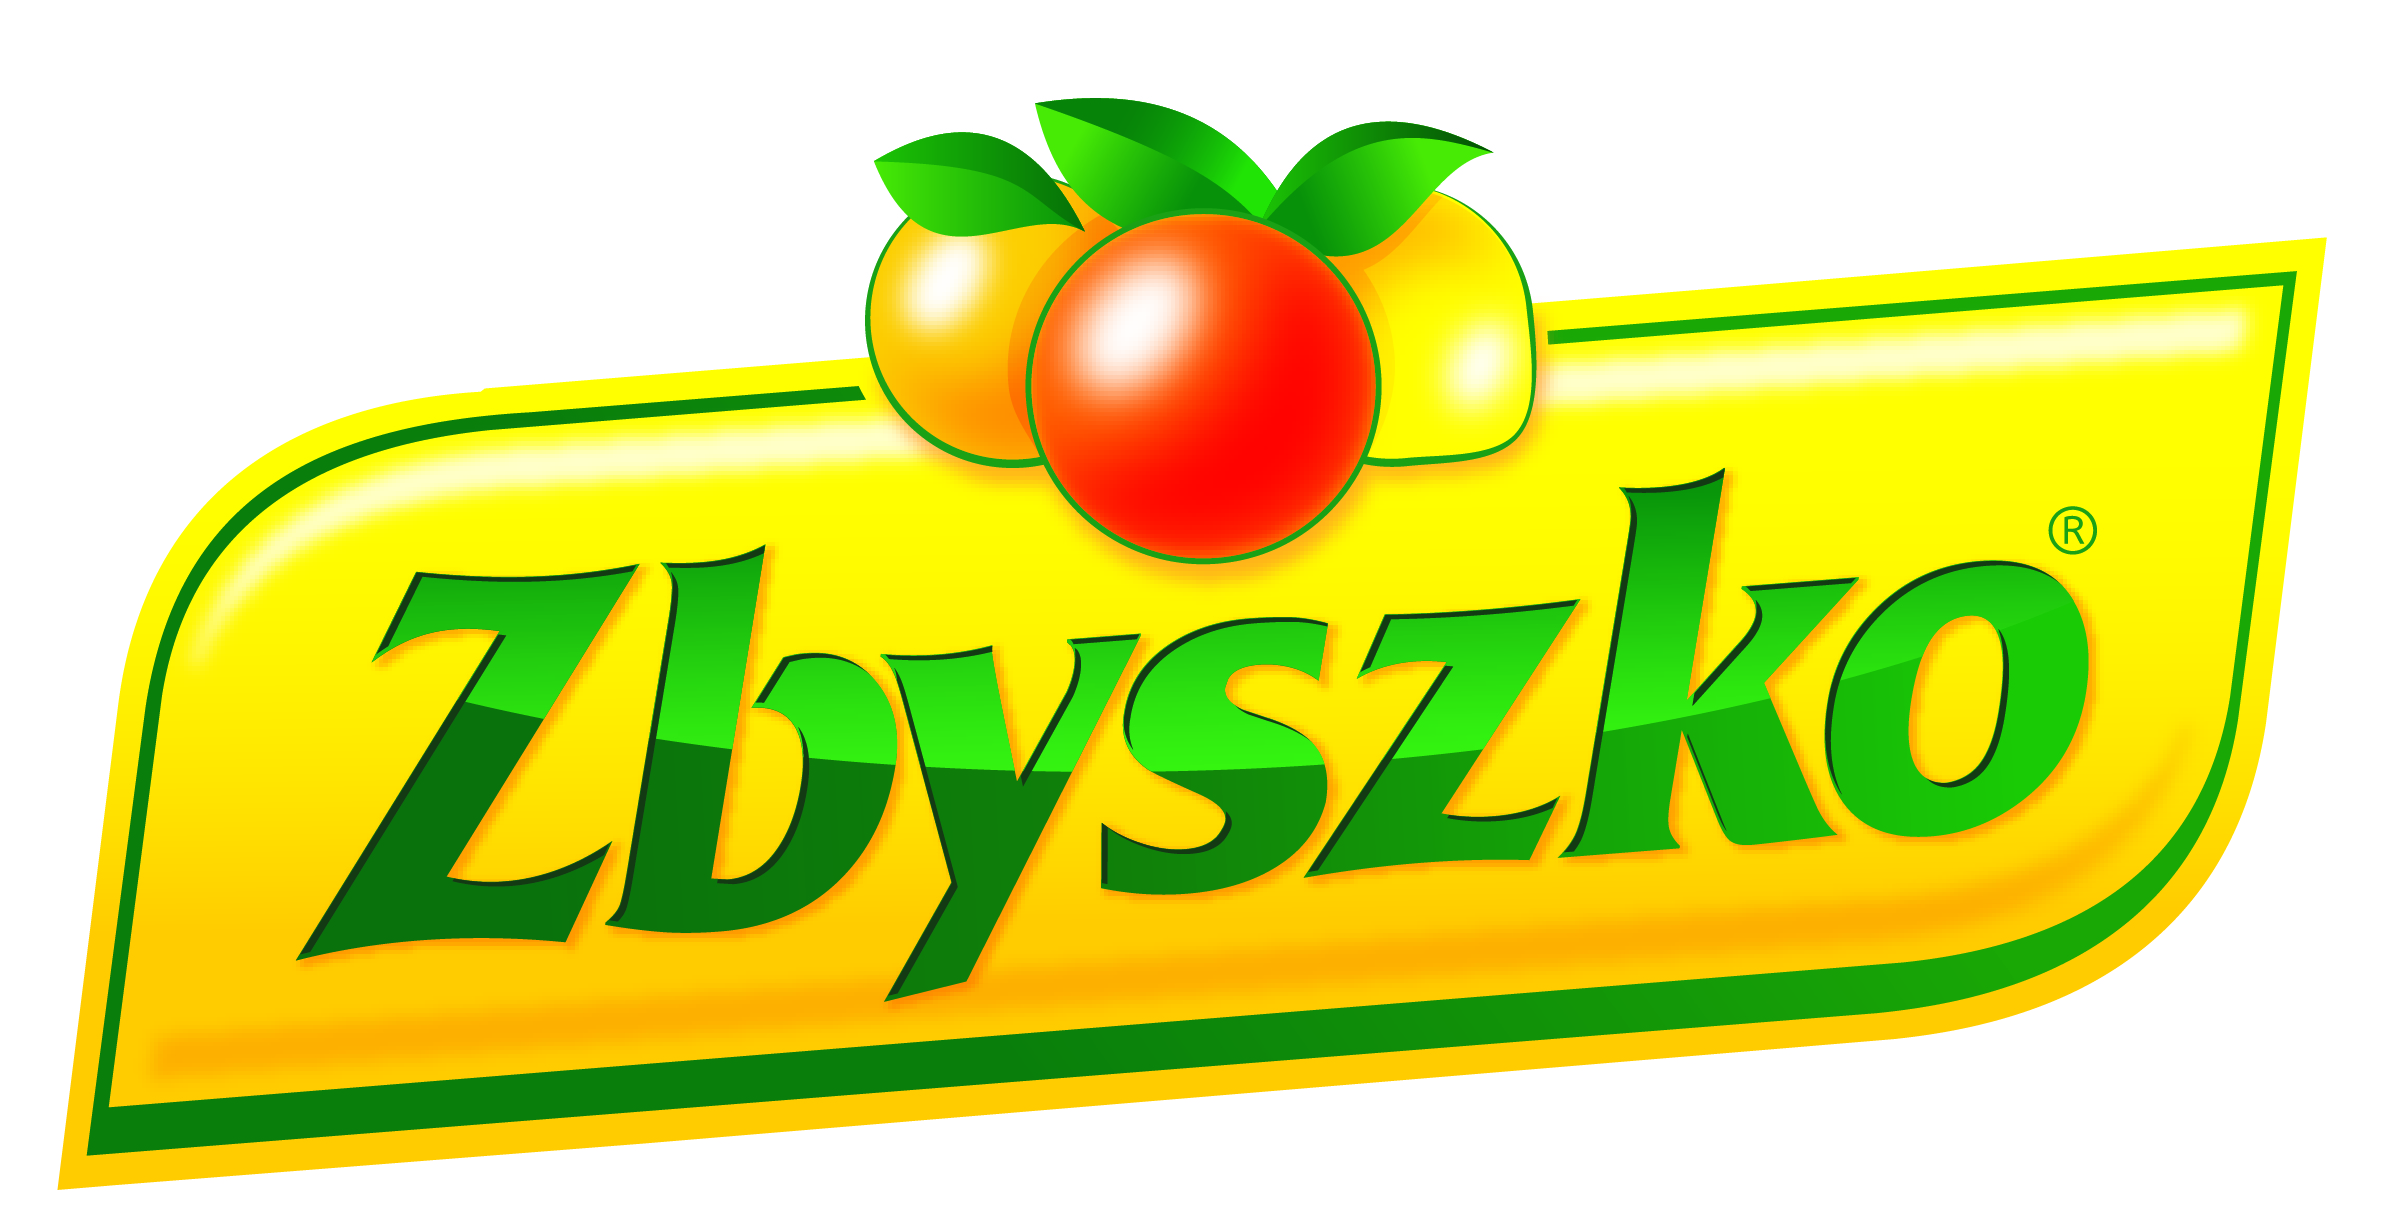 Logo Zbyszko, bogucki-folie.pl